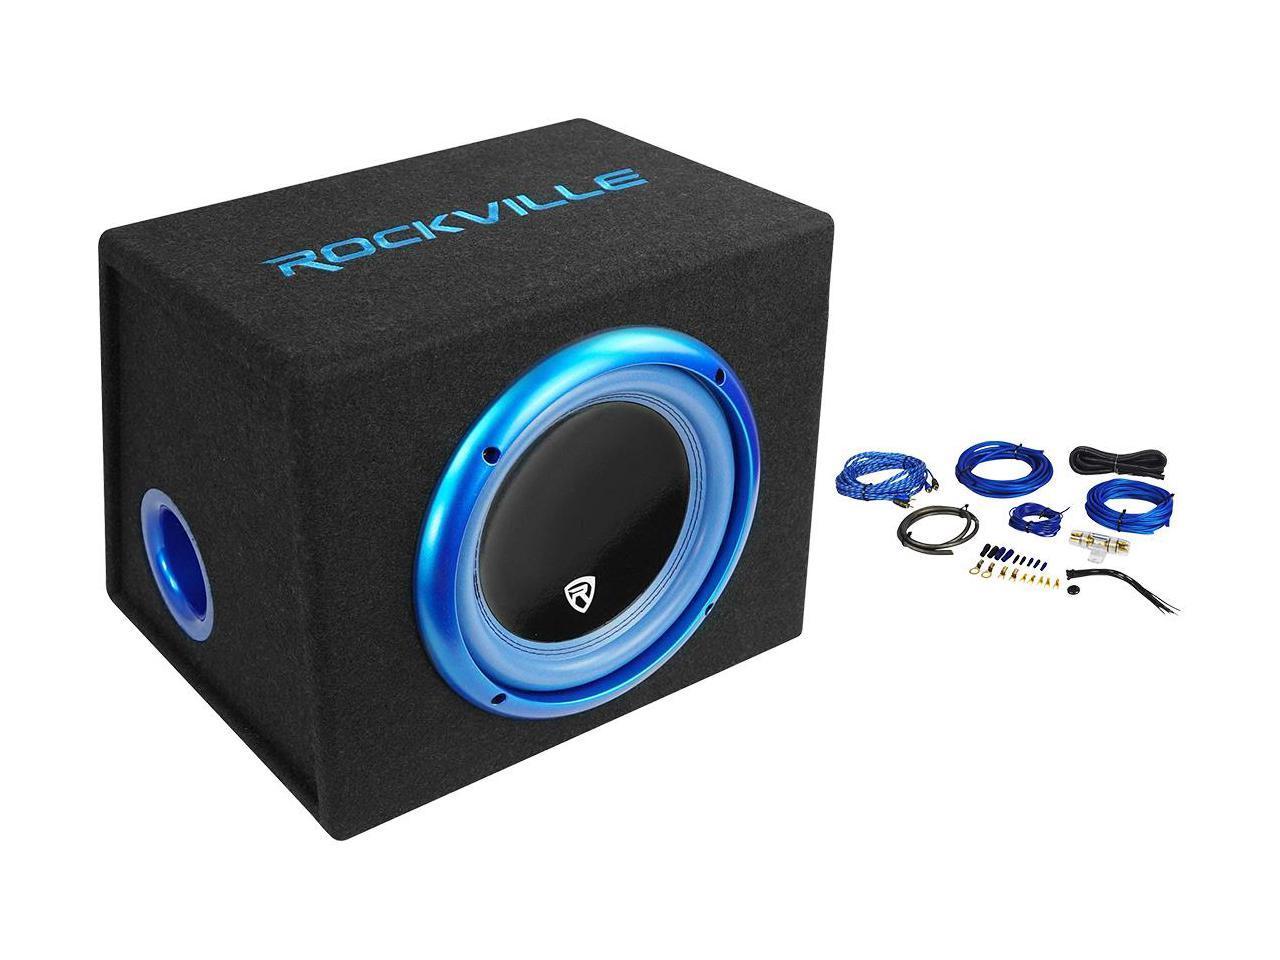 Skar Audio EVL-1X65D4-V-LP 6.5 400 Watt Low Profile Slot Port Loaded Car Subwoofer Enclosure